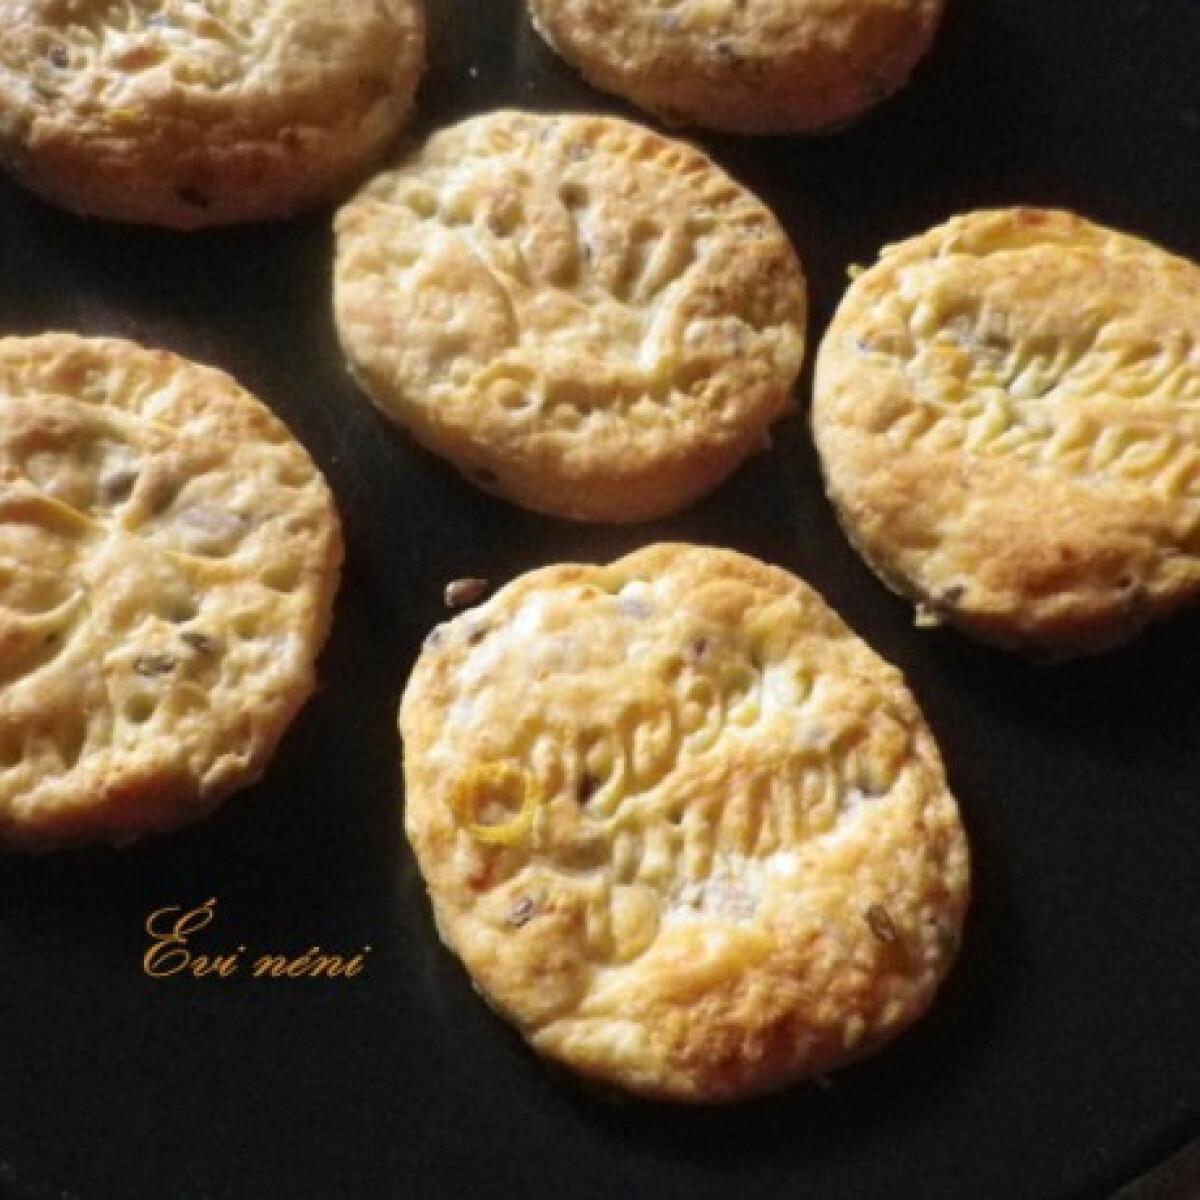 Cheddar sajtos keksz ahogy Évi néni készíti